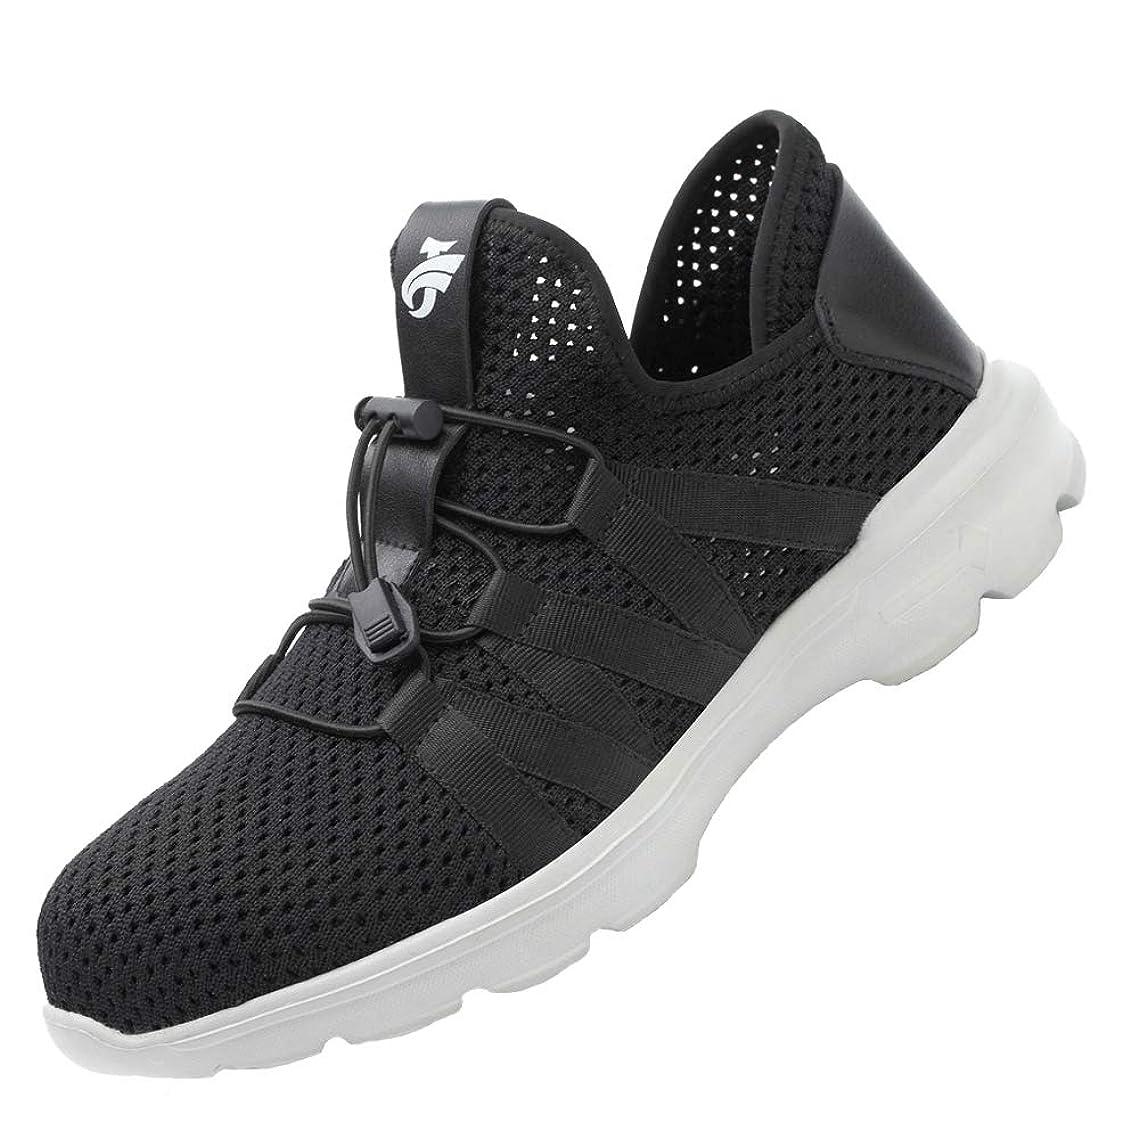 深遠カッター隙間[SUADEEX] 安全靴 スニーカー 作業靴 ワーキングシューズ 鋼先芯 通気性 耐油 セーフティーシューズ 耐滑 衝撃吸収 耐摩耗 メンズ レディース JB-536